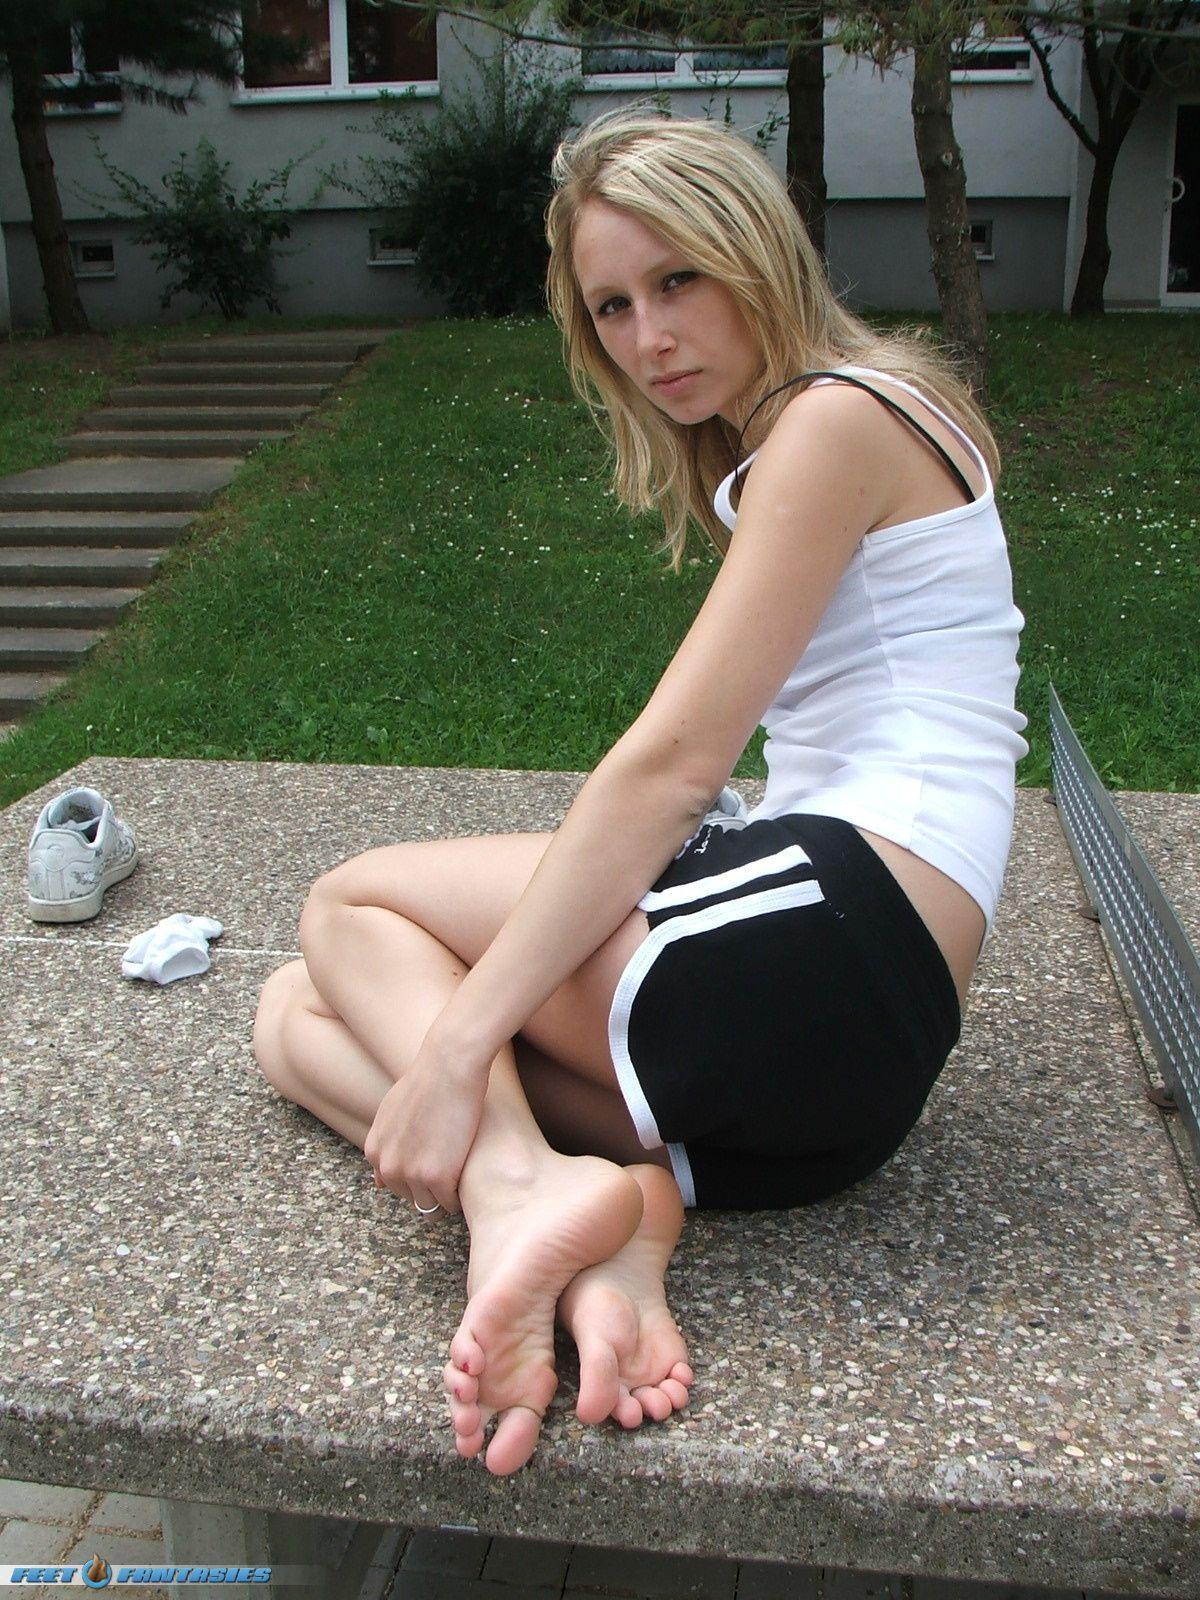 Feet Jordy Murr nude (88 photo), Tits, Sideboobs, Twitter, swimsuit 2015